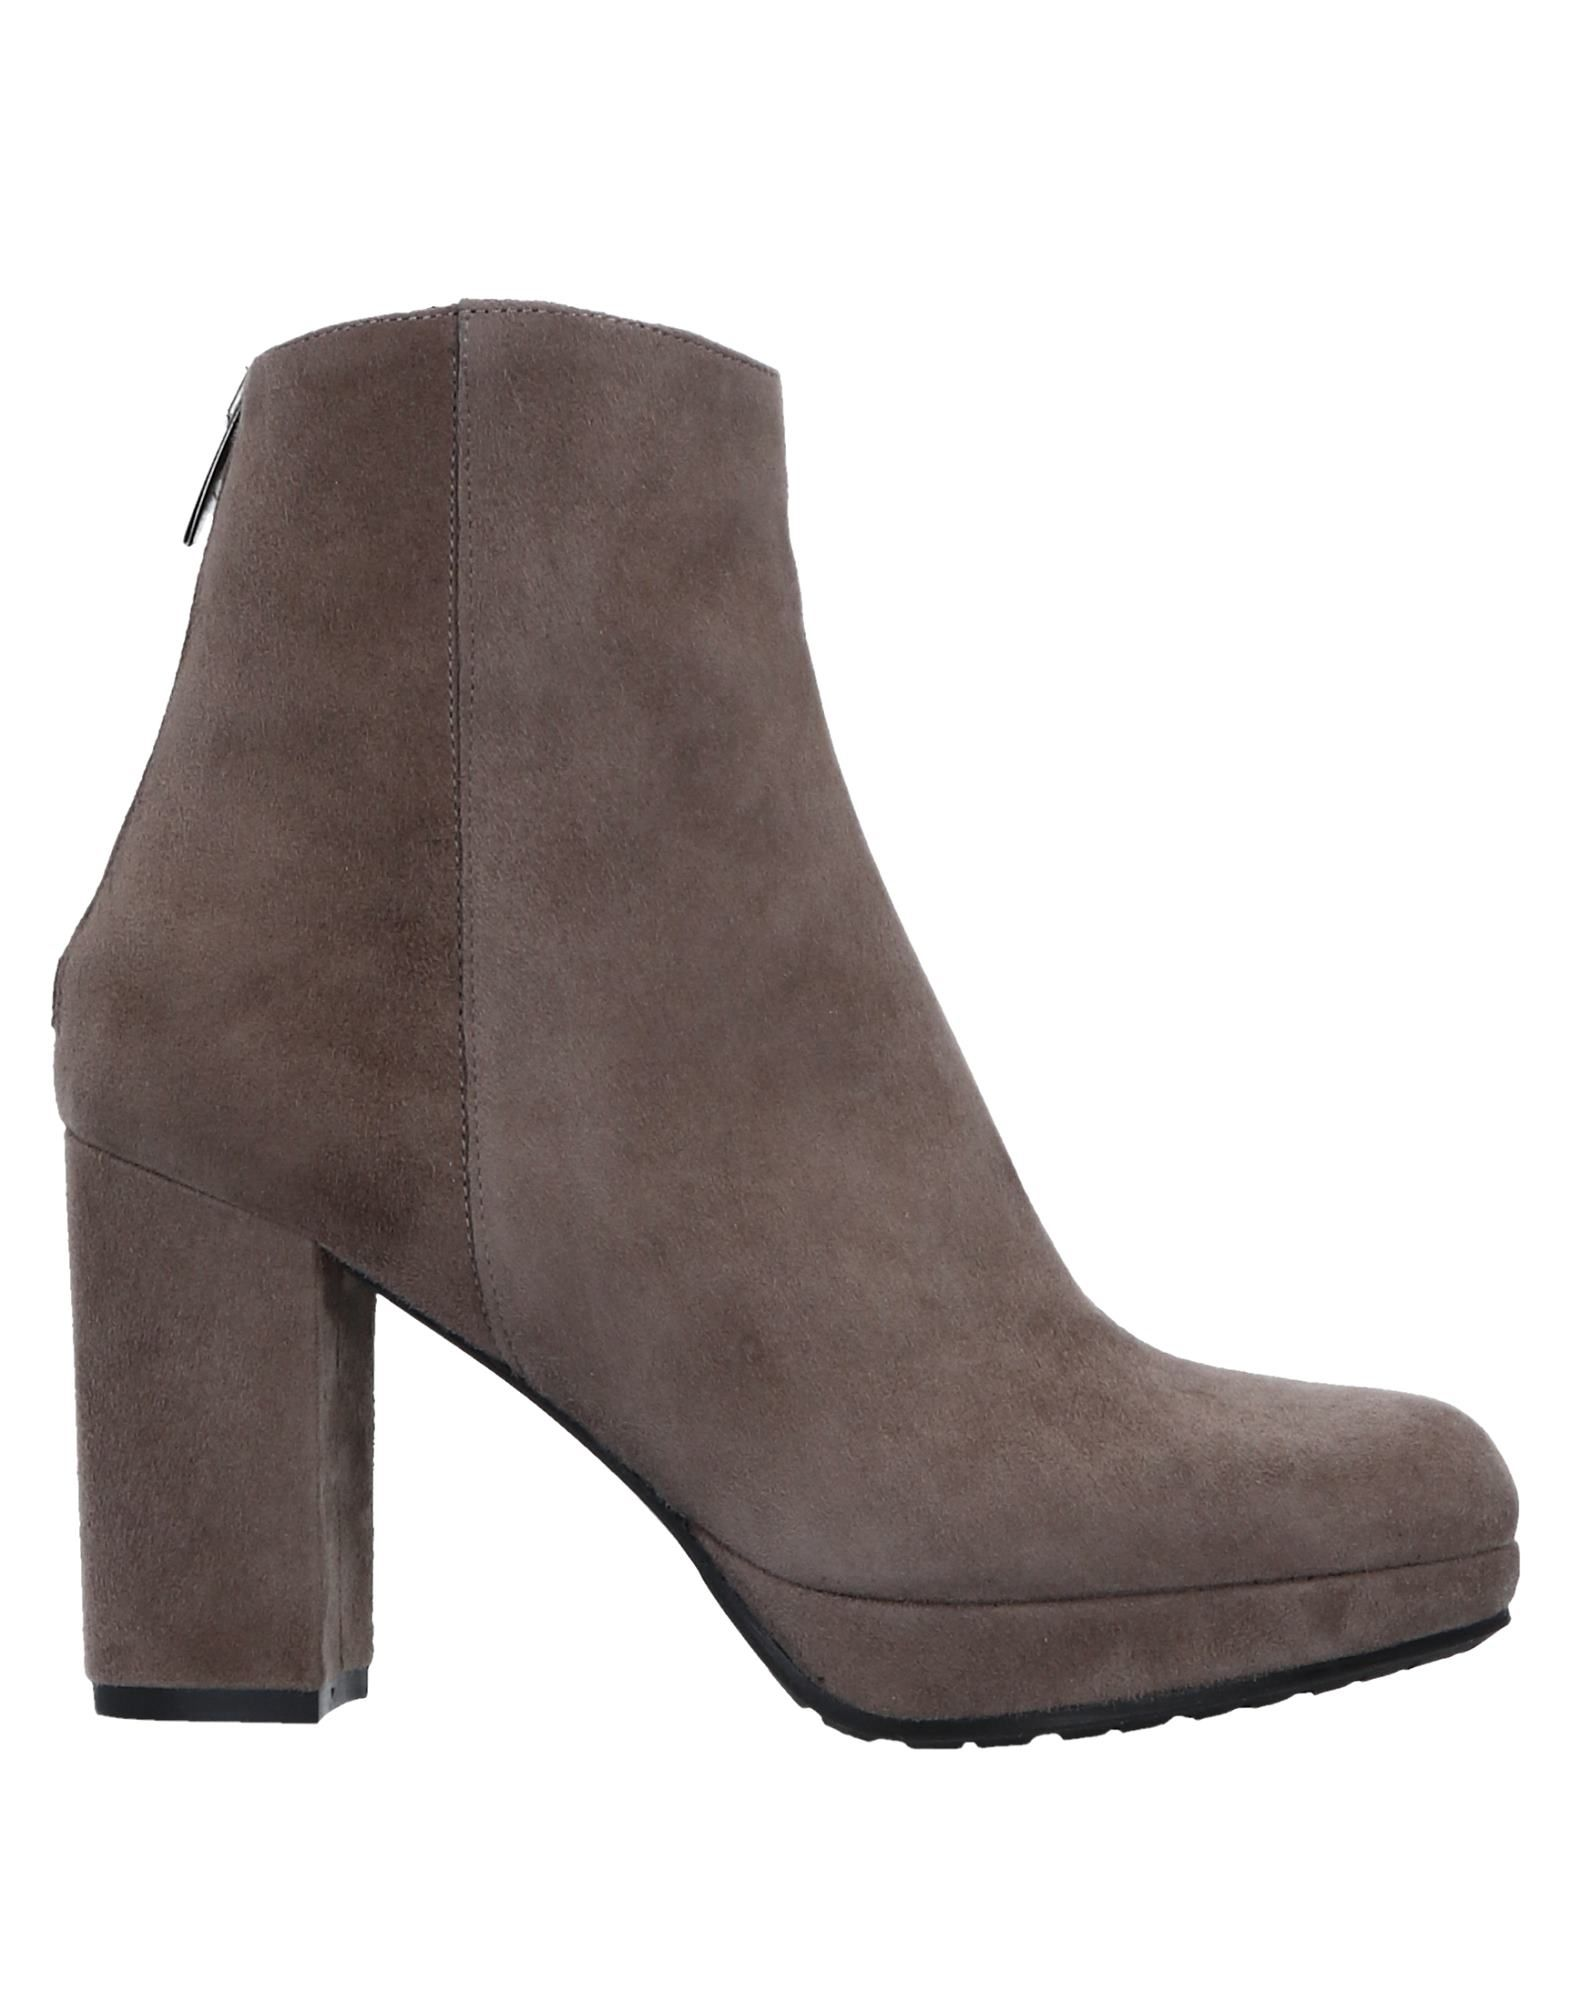 Stilvolle Stiefelette billige Schuhe Gaia Bardelli Stiefelette Stilvolle Damen  11514590AH 301bbf